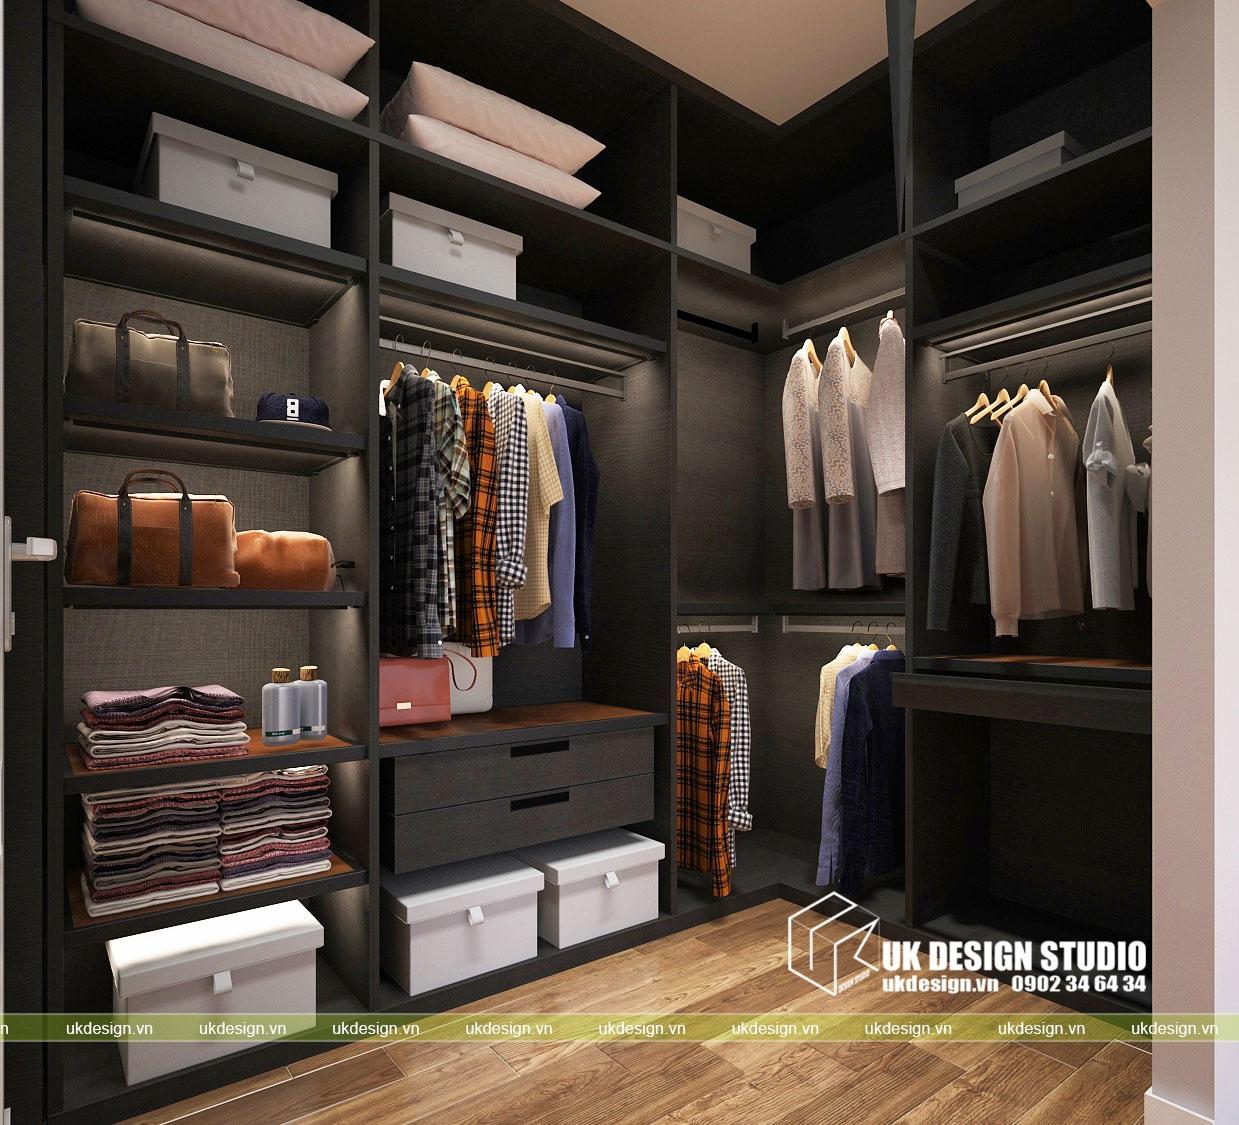 Thiết kế nội thất biệt thự hiện đại 500m2 - 10